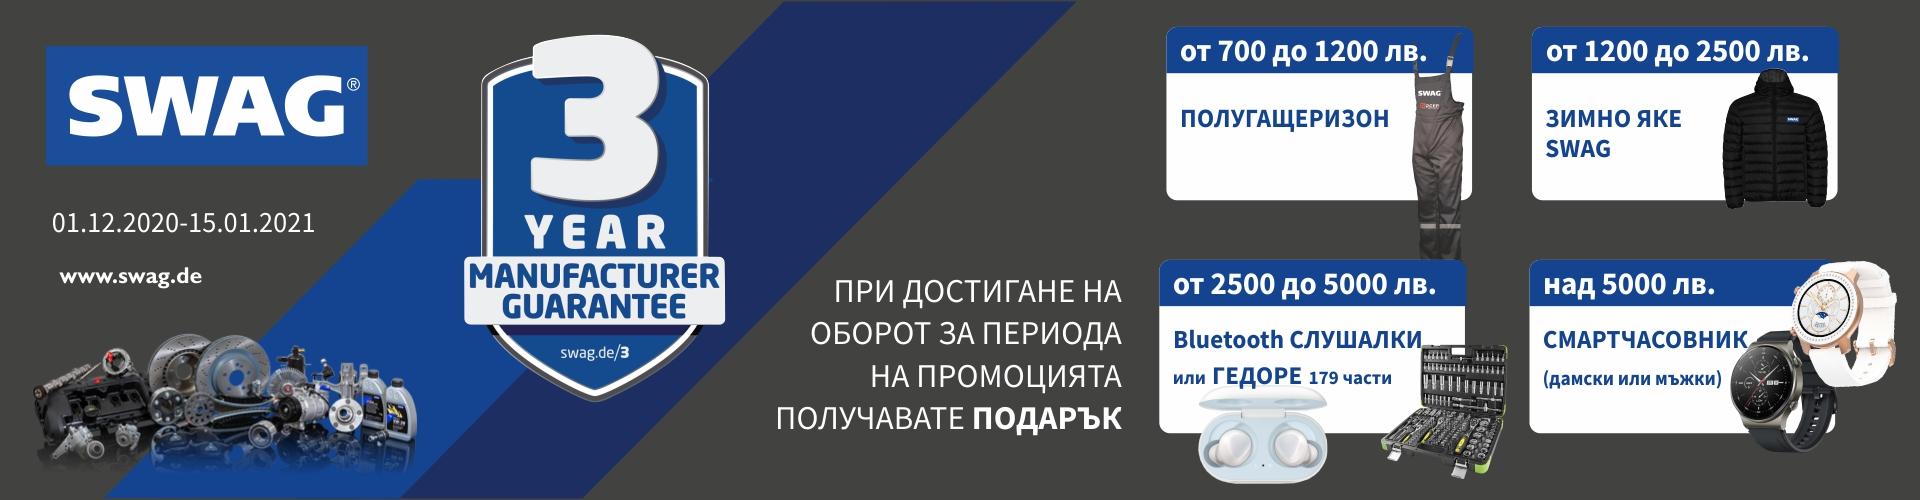 promo_swag_01.12.2020-15.01.2021_banner.jpg